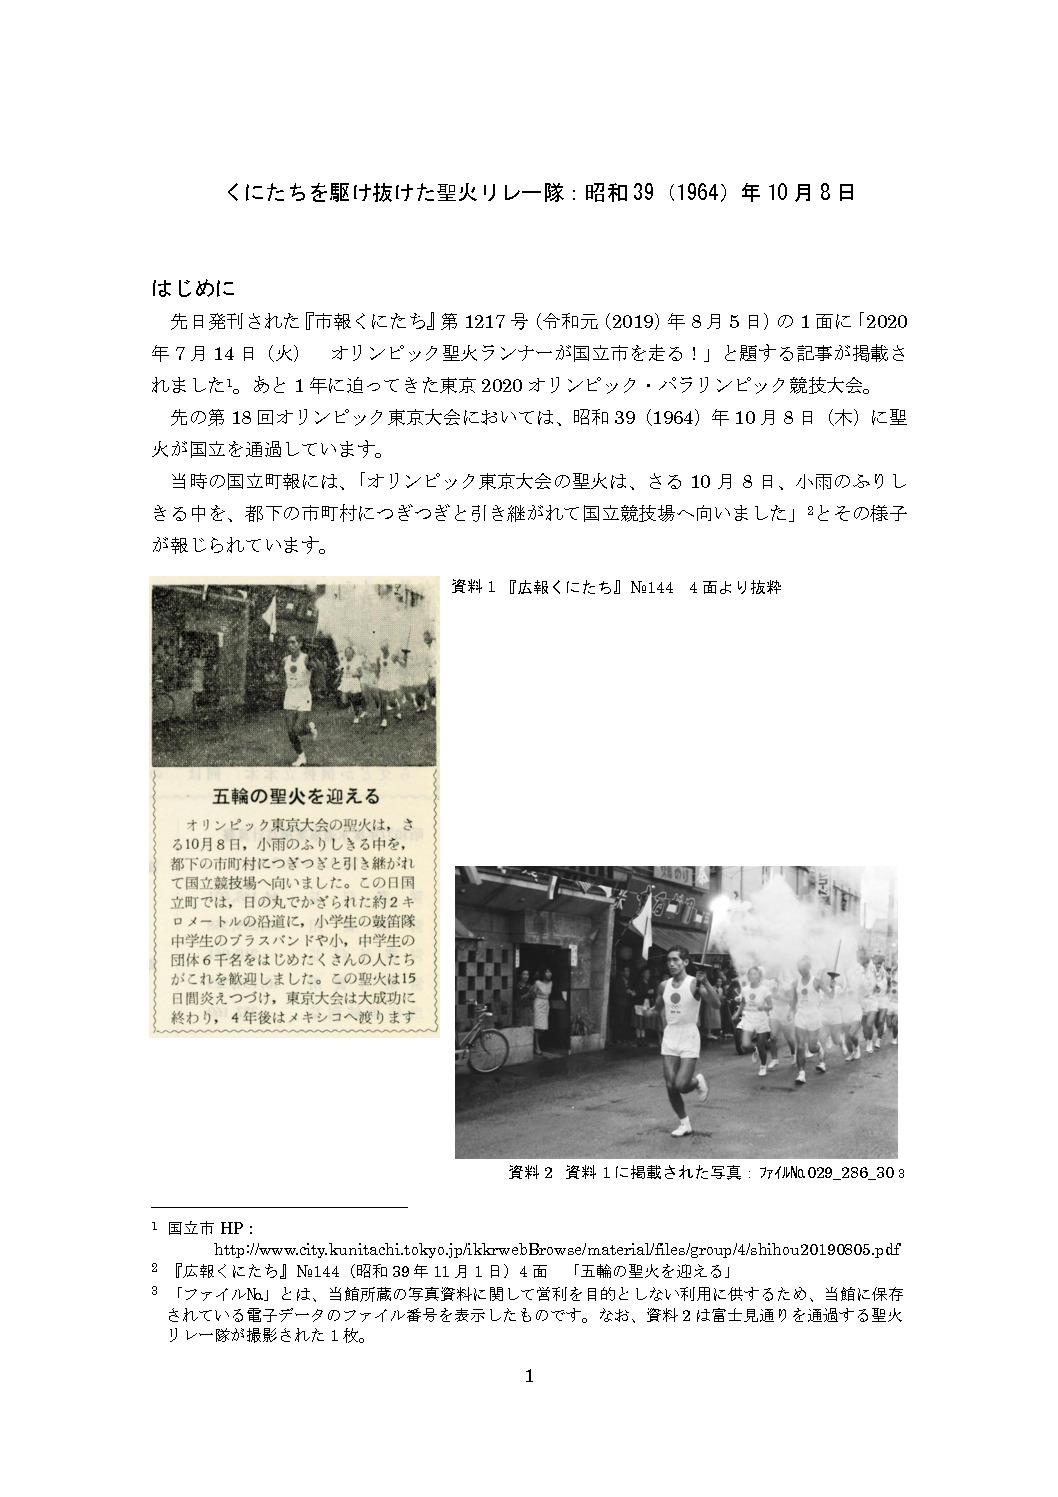 0808【写真紹介】聖火ランナーと旧国立駅舎のサムネイル